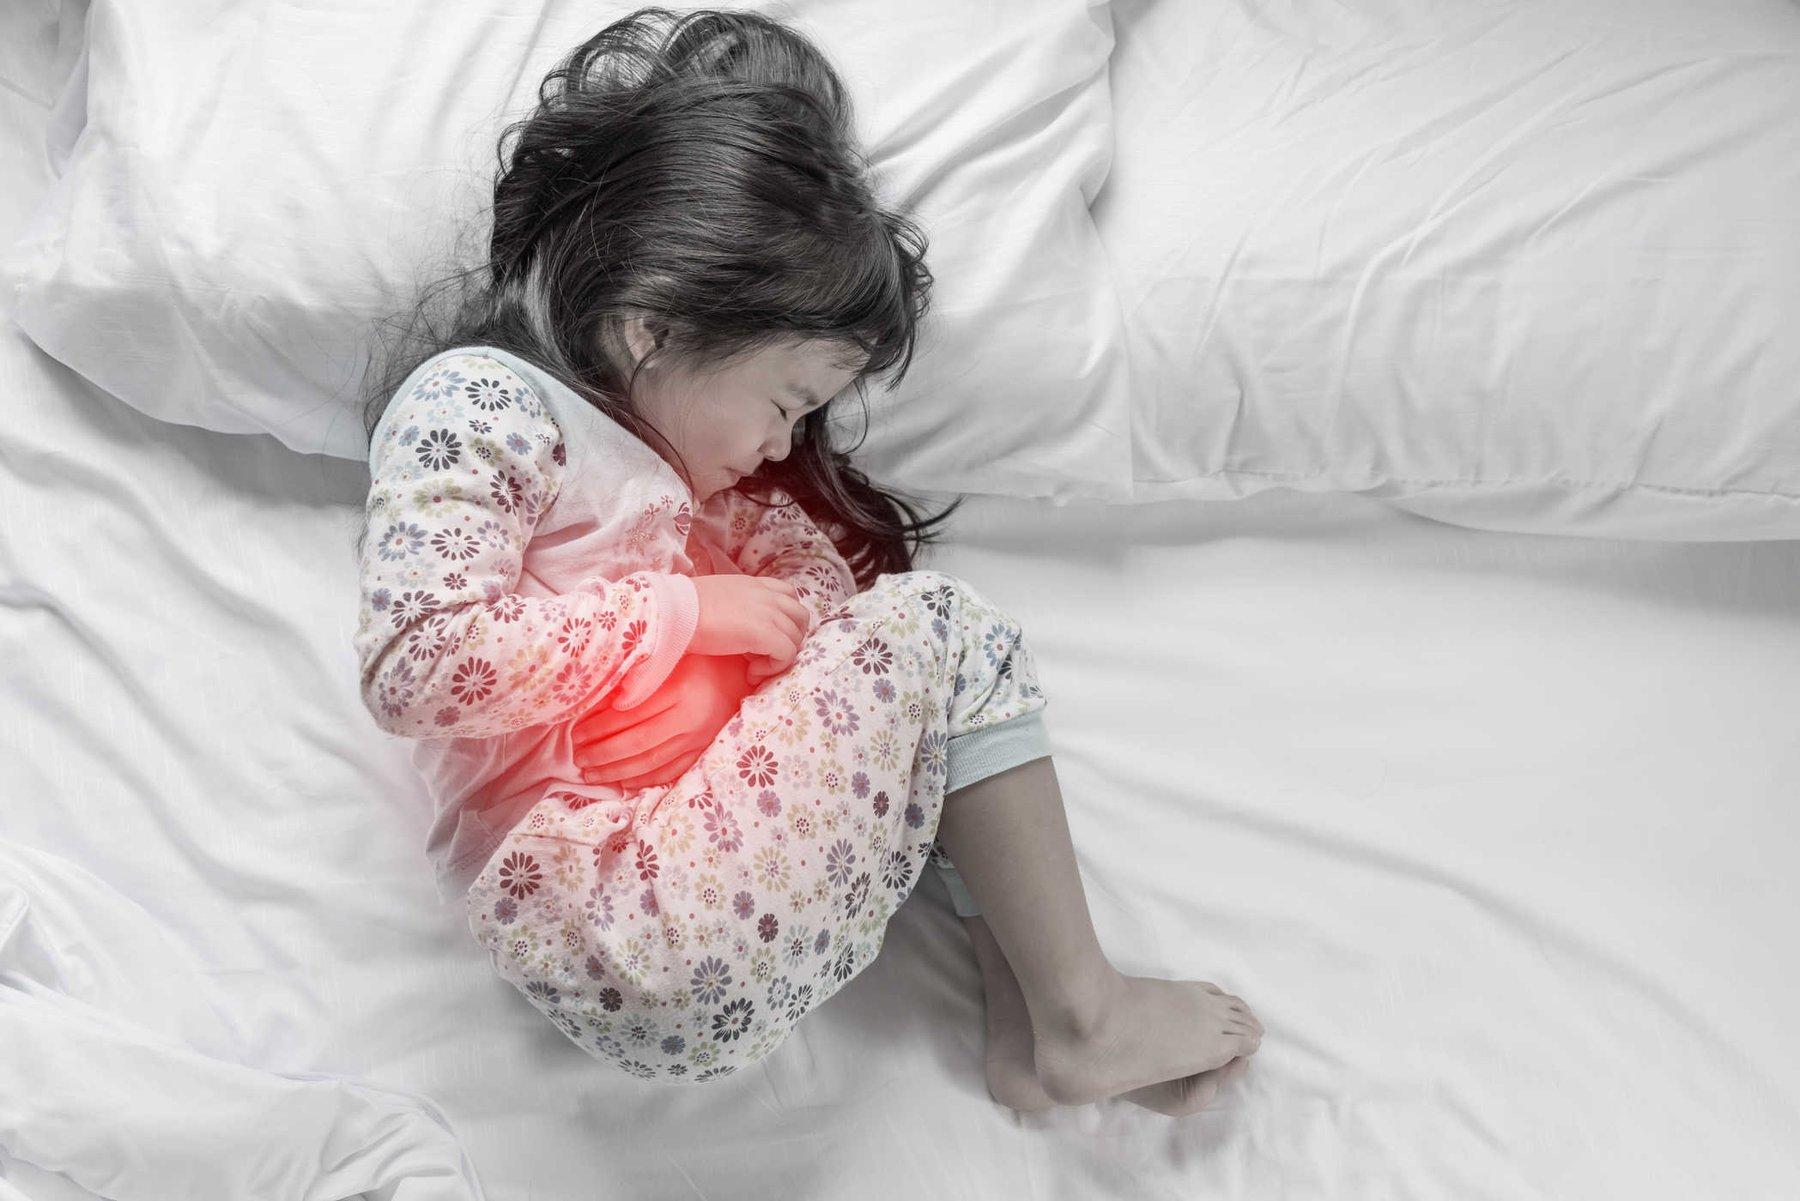 Các thể lâm sàng và loét dạ dày tá tràng - ảnh 2